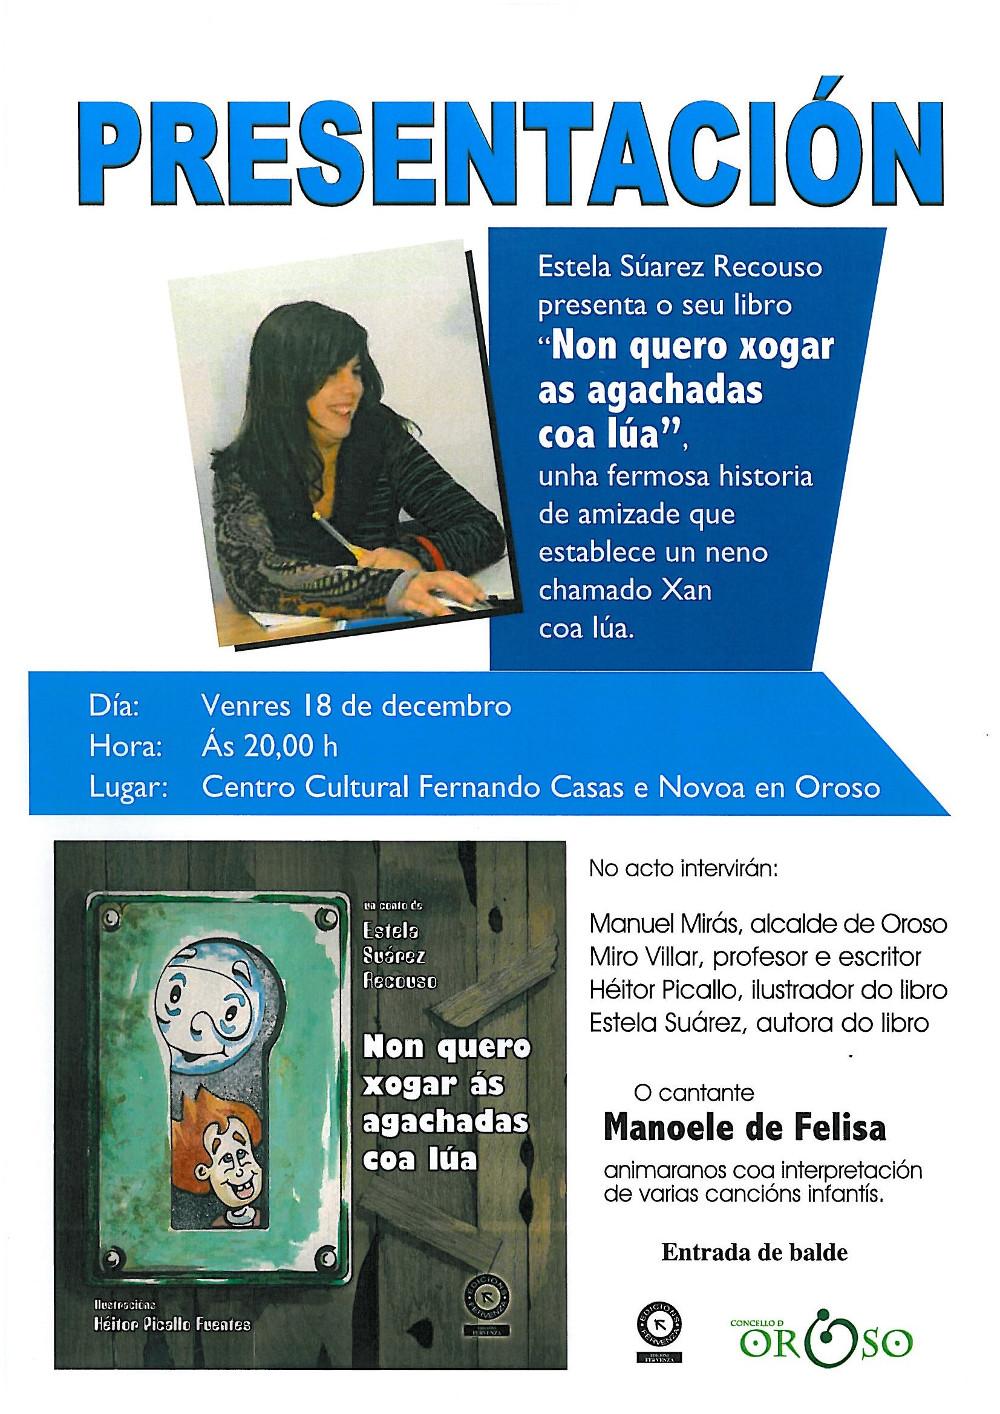 Cartel presentación Estela Suárez